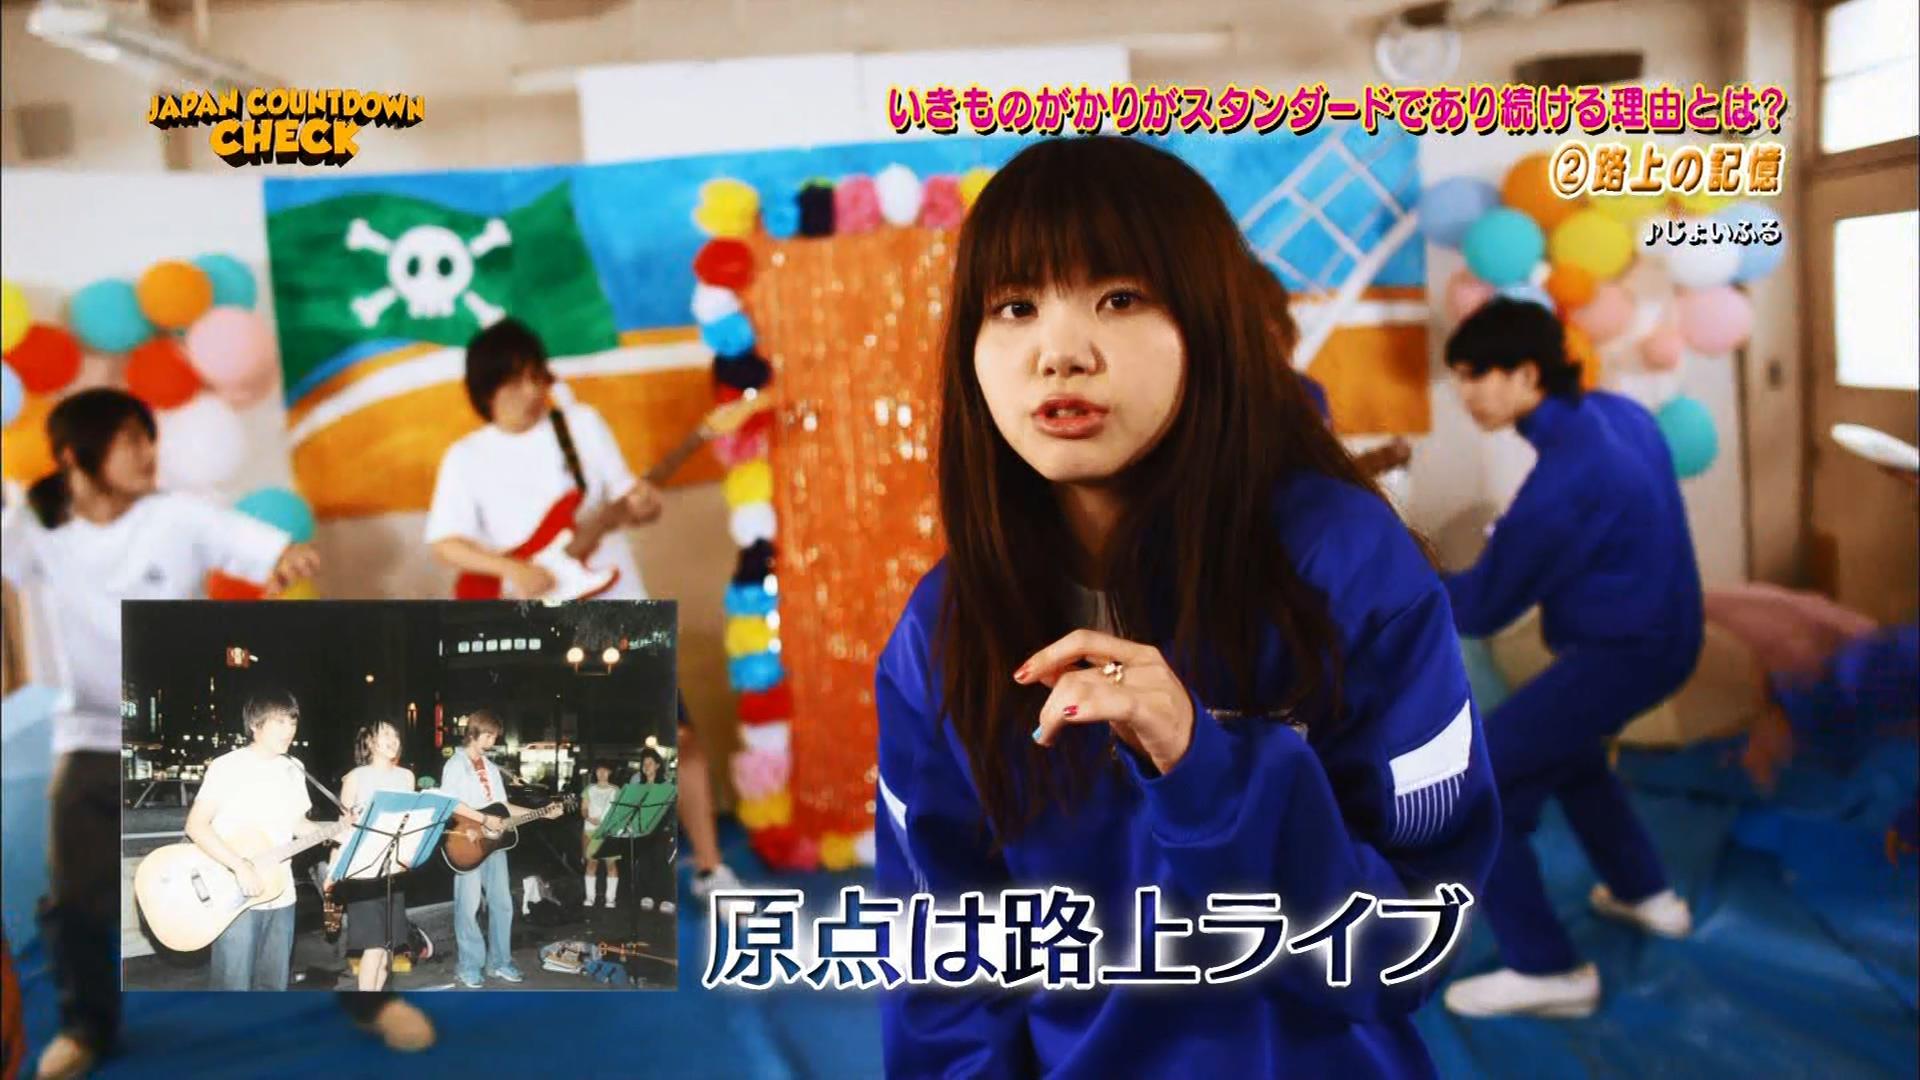 2016.03.20 いきものがかり - 10年たっても私たちはいきものがかりが大好き!日本のスタンダードであり続ける理由(JAPAN COUNTDOWN).ts_20160320_103946.377